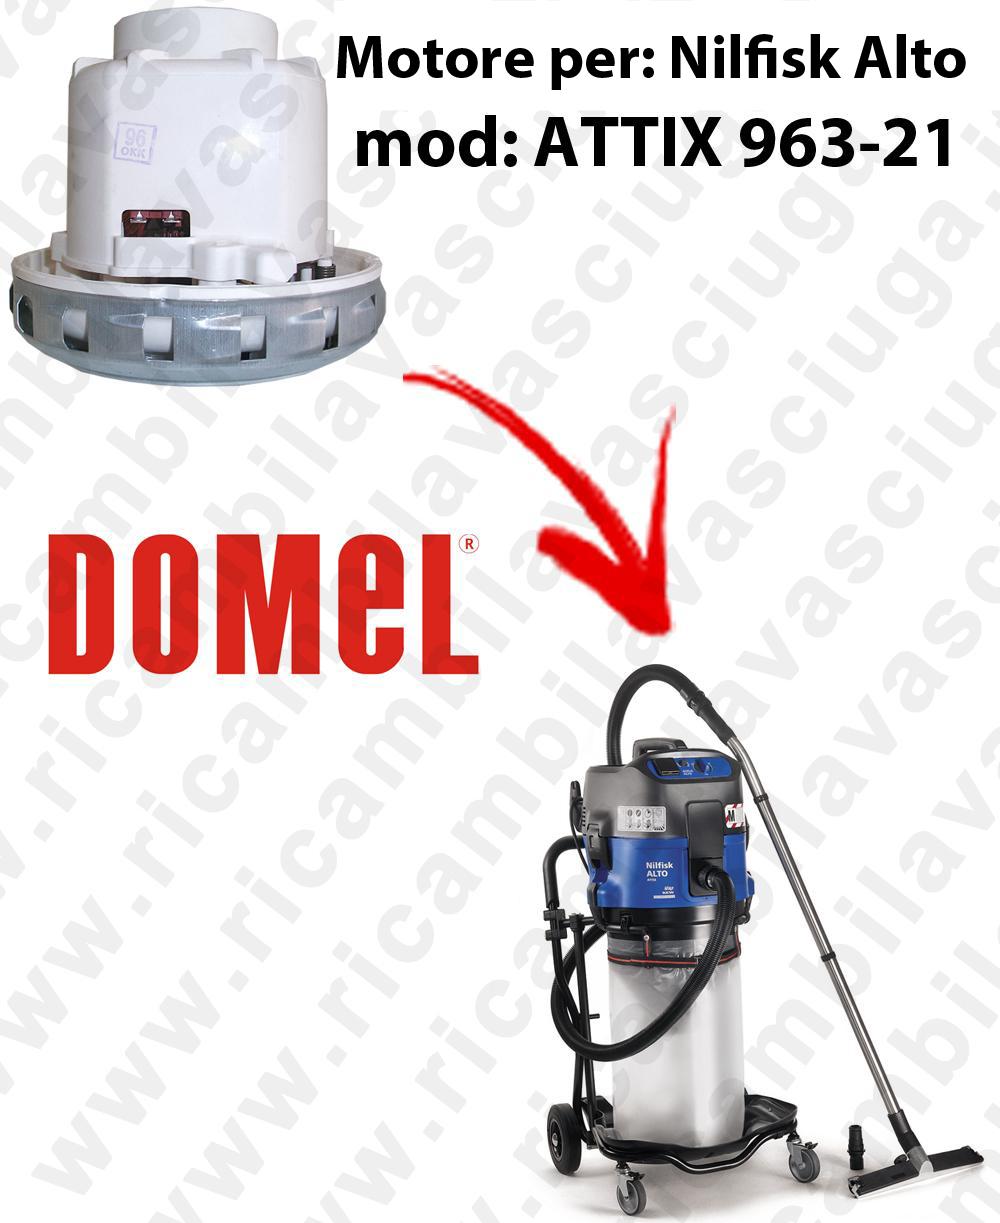 ATTIX 963-21 Saugmotor DOMEL für Staubsauger NILFISK ALTO